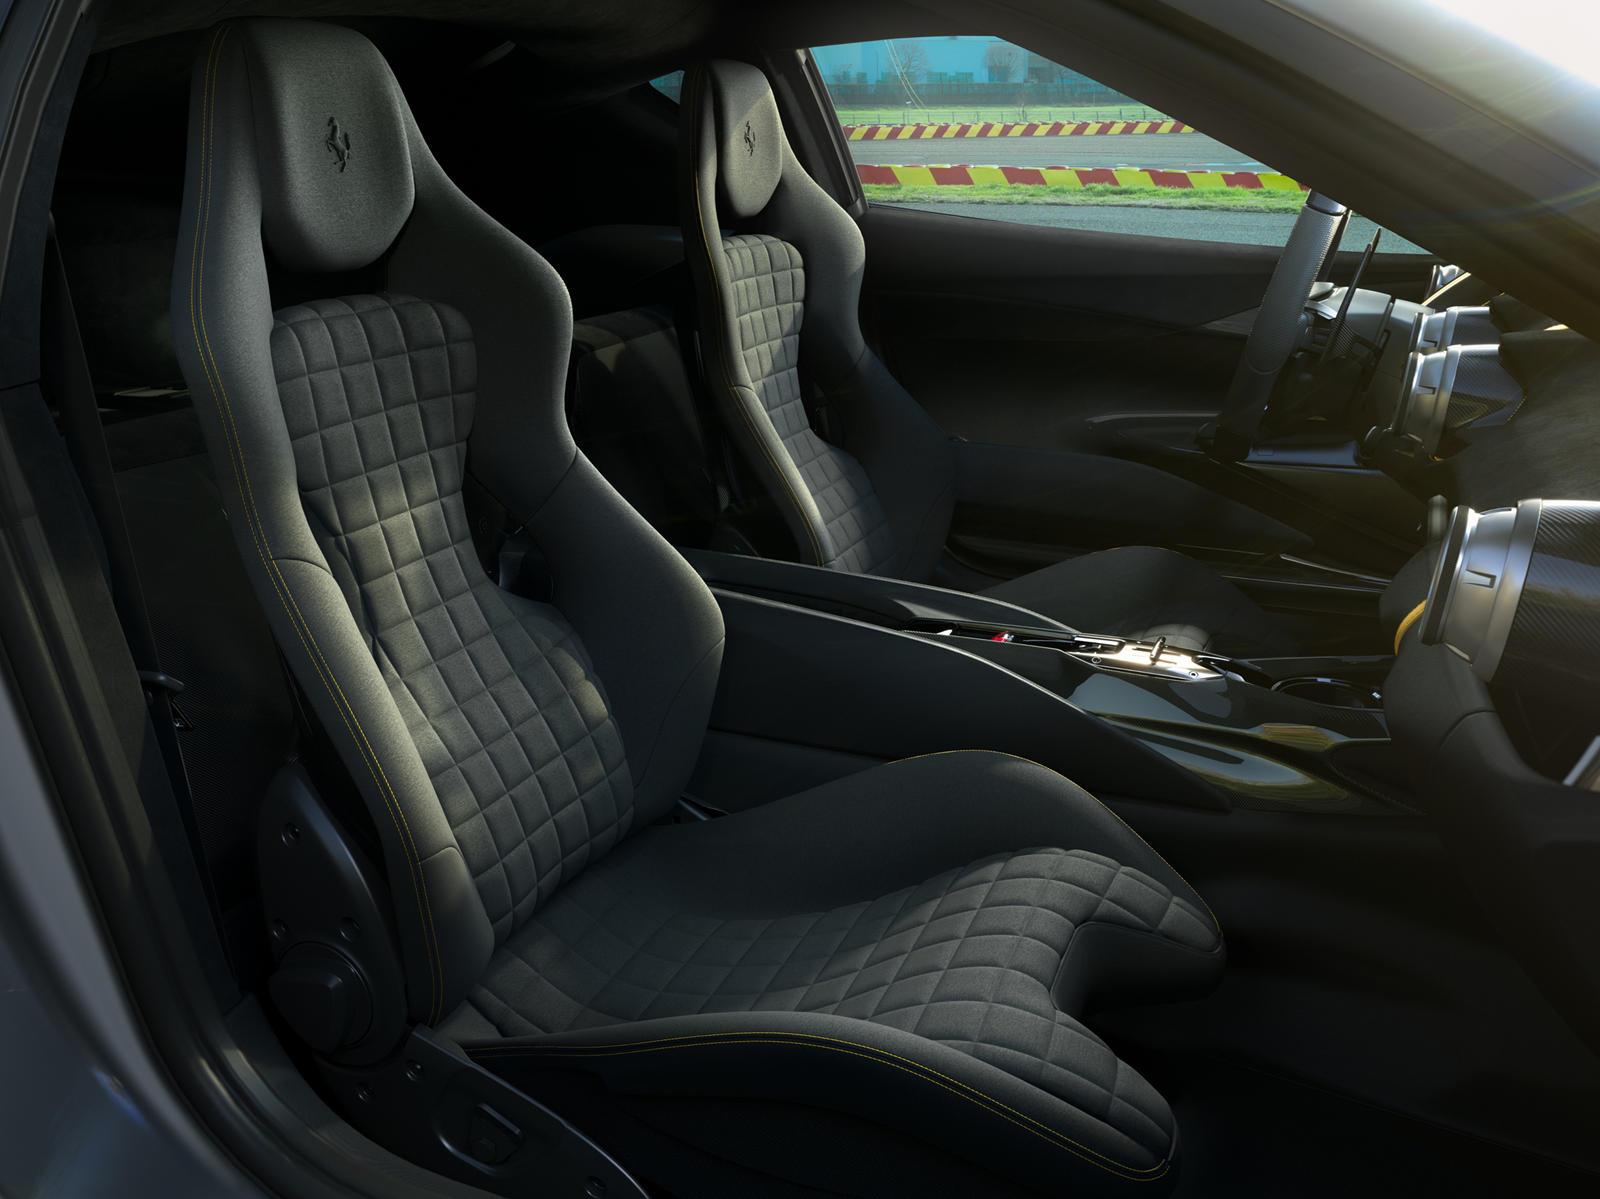 Недавно появились многочисленные просочившиеся изображения, показывающие новую ограниченную версию Ferrari 812 Superfast. Первоначально, по слухам, он назывался 812 Versione Speciale, теперь мы знаем, что автомобиль будет выпускаться на 812 Competizi